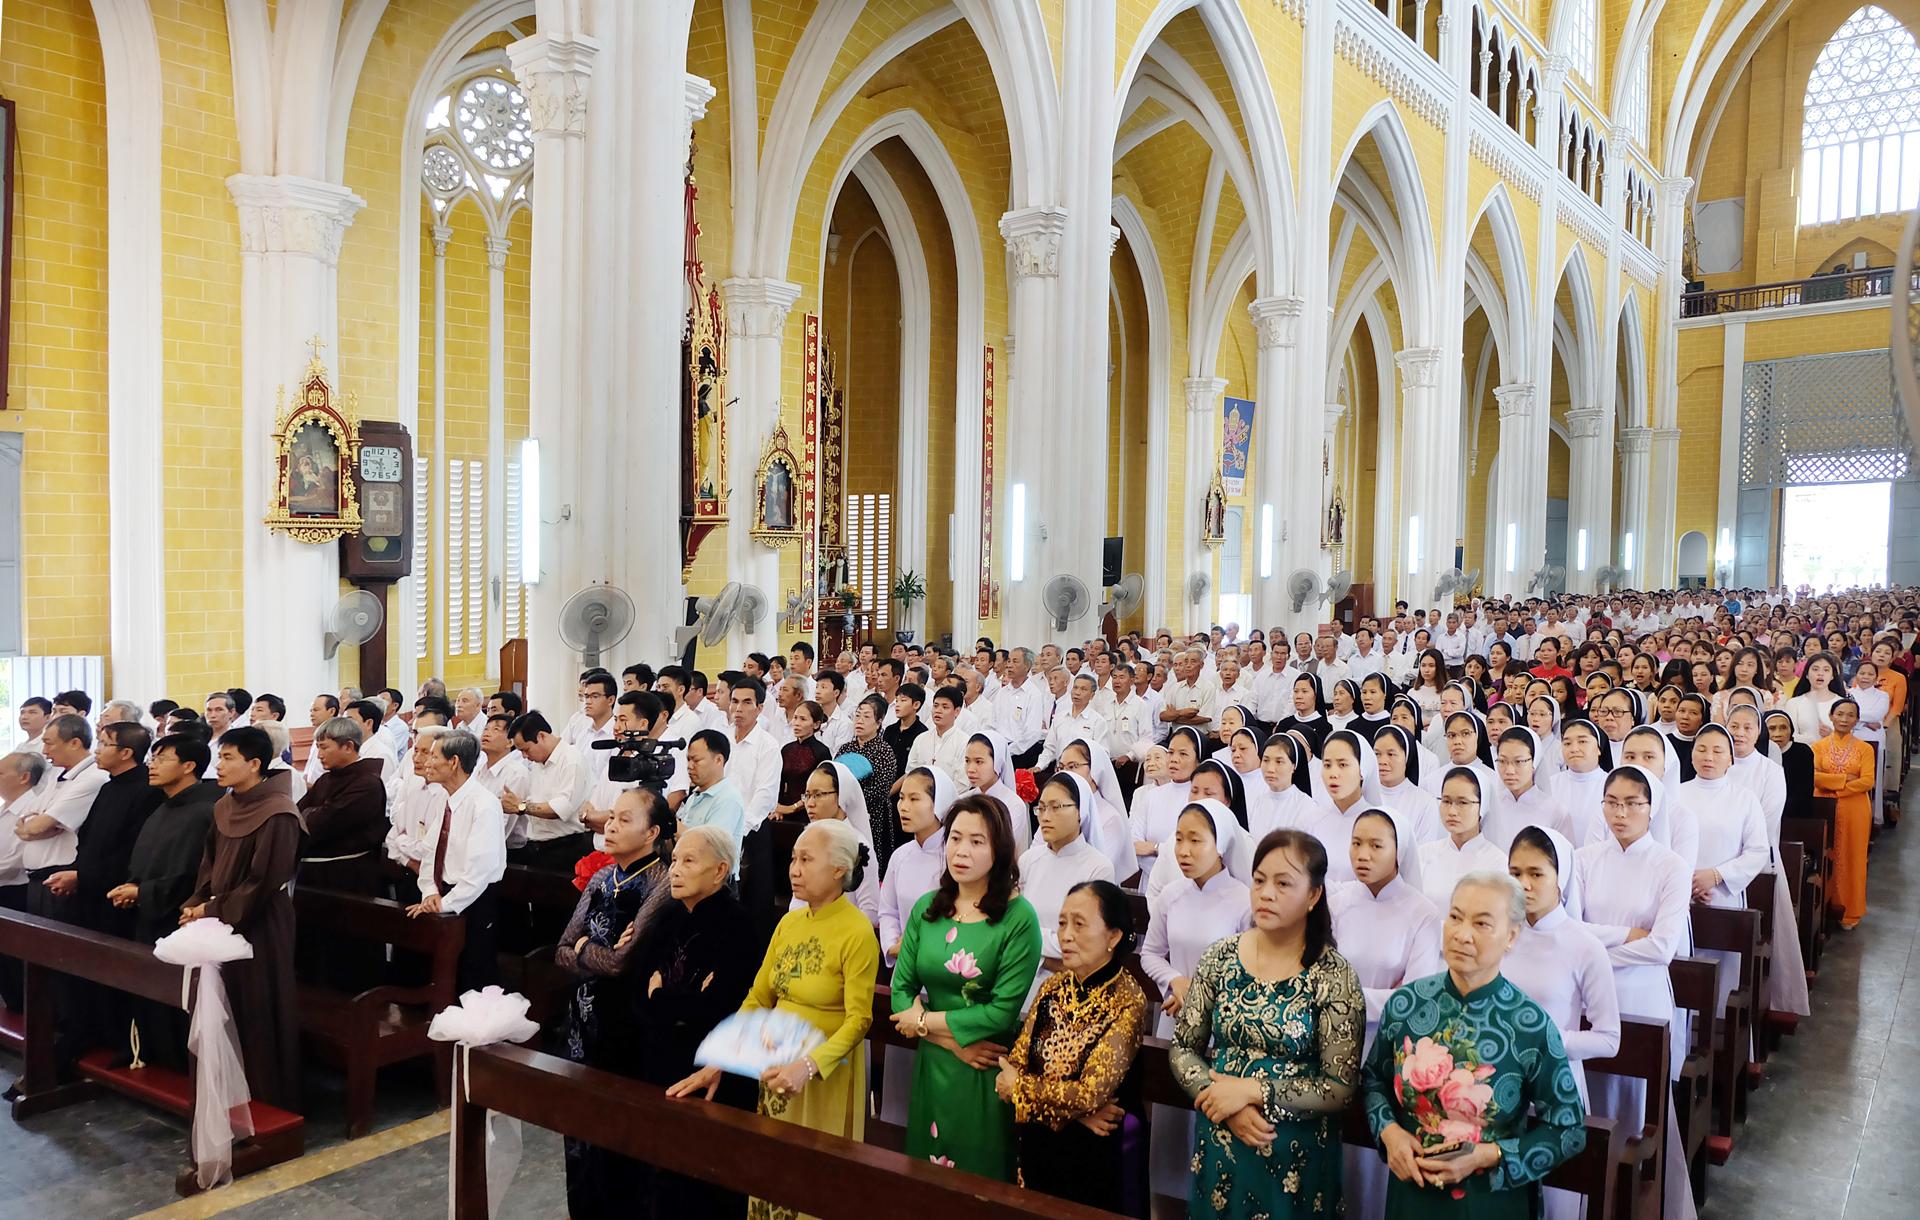 5 lợi ích sức khoẻ bất ngờ của việc tham dự Thánh lễ